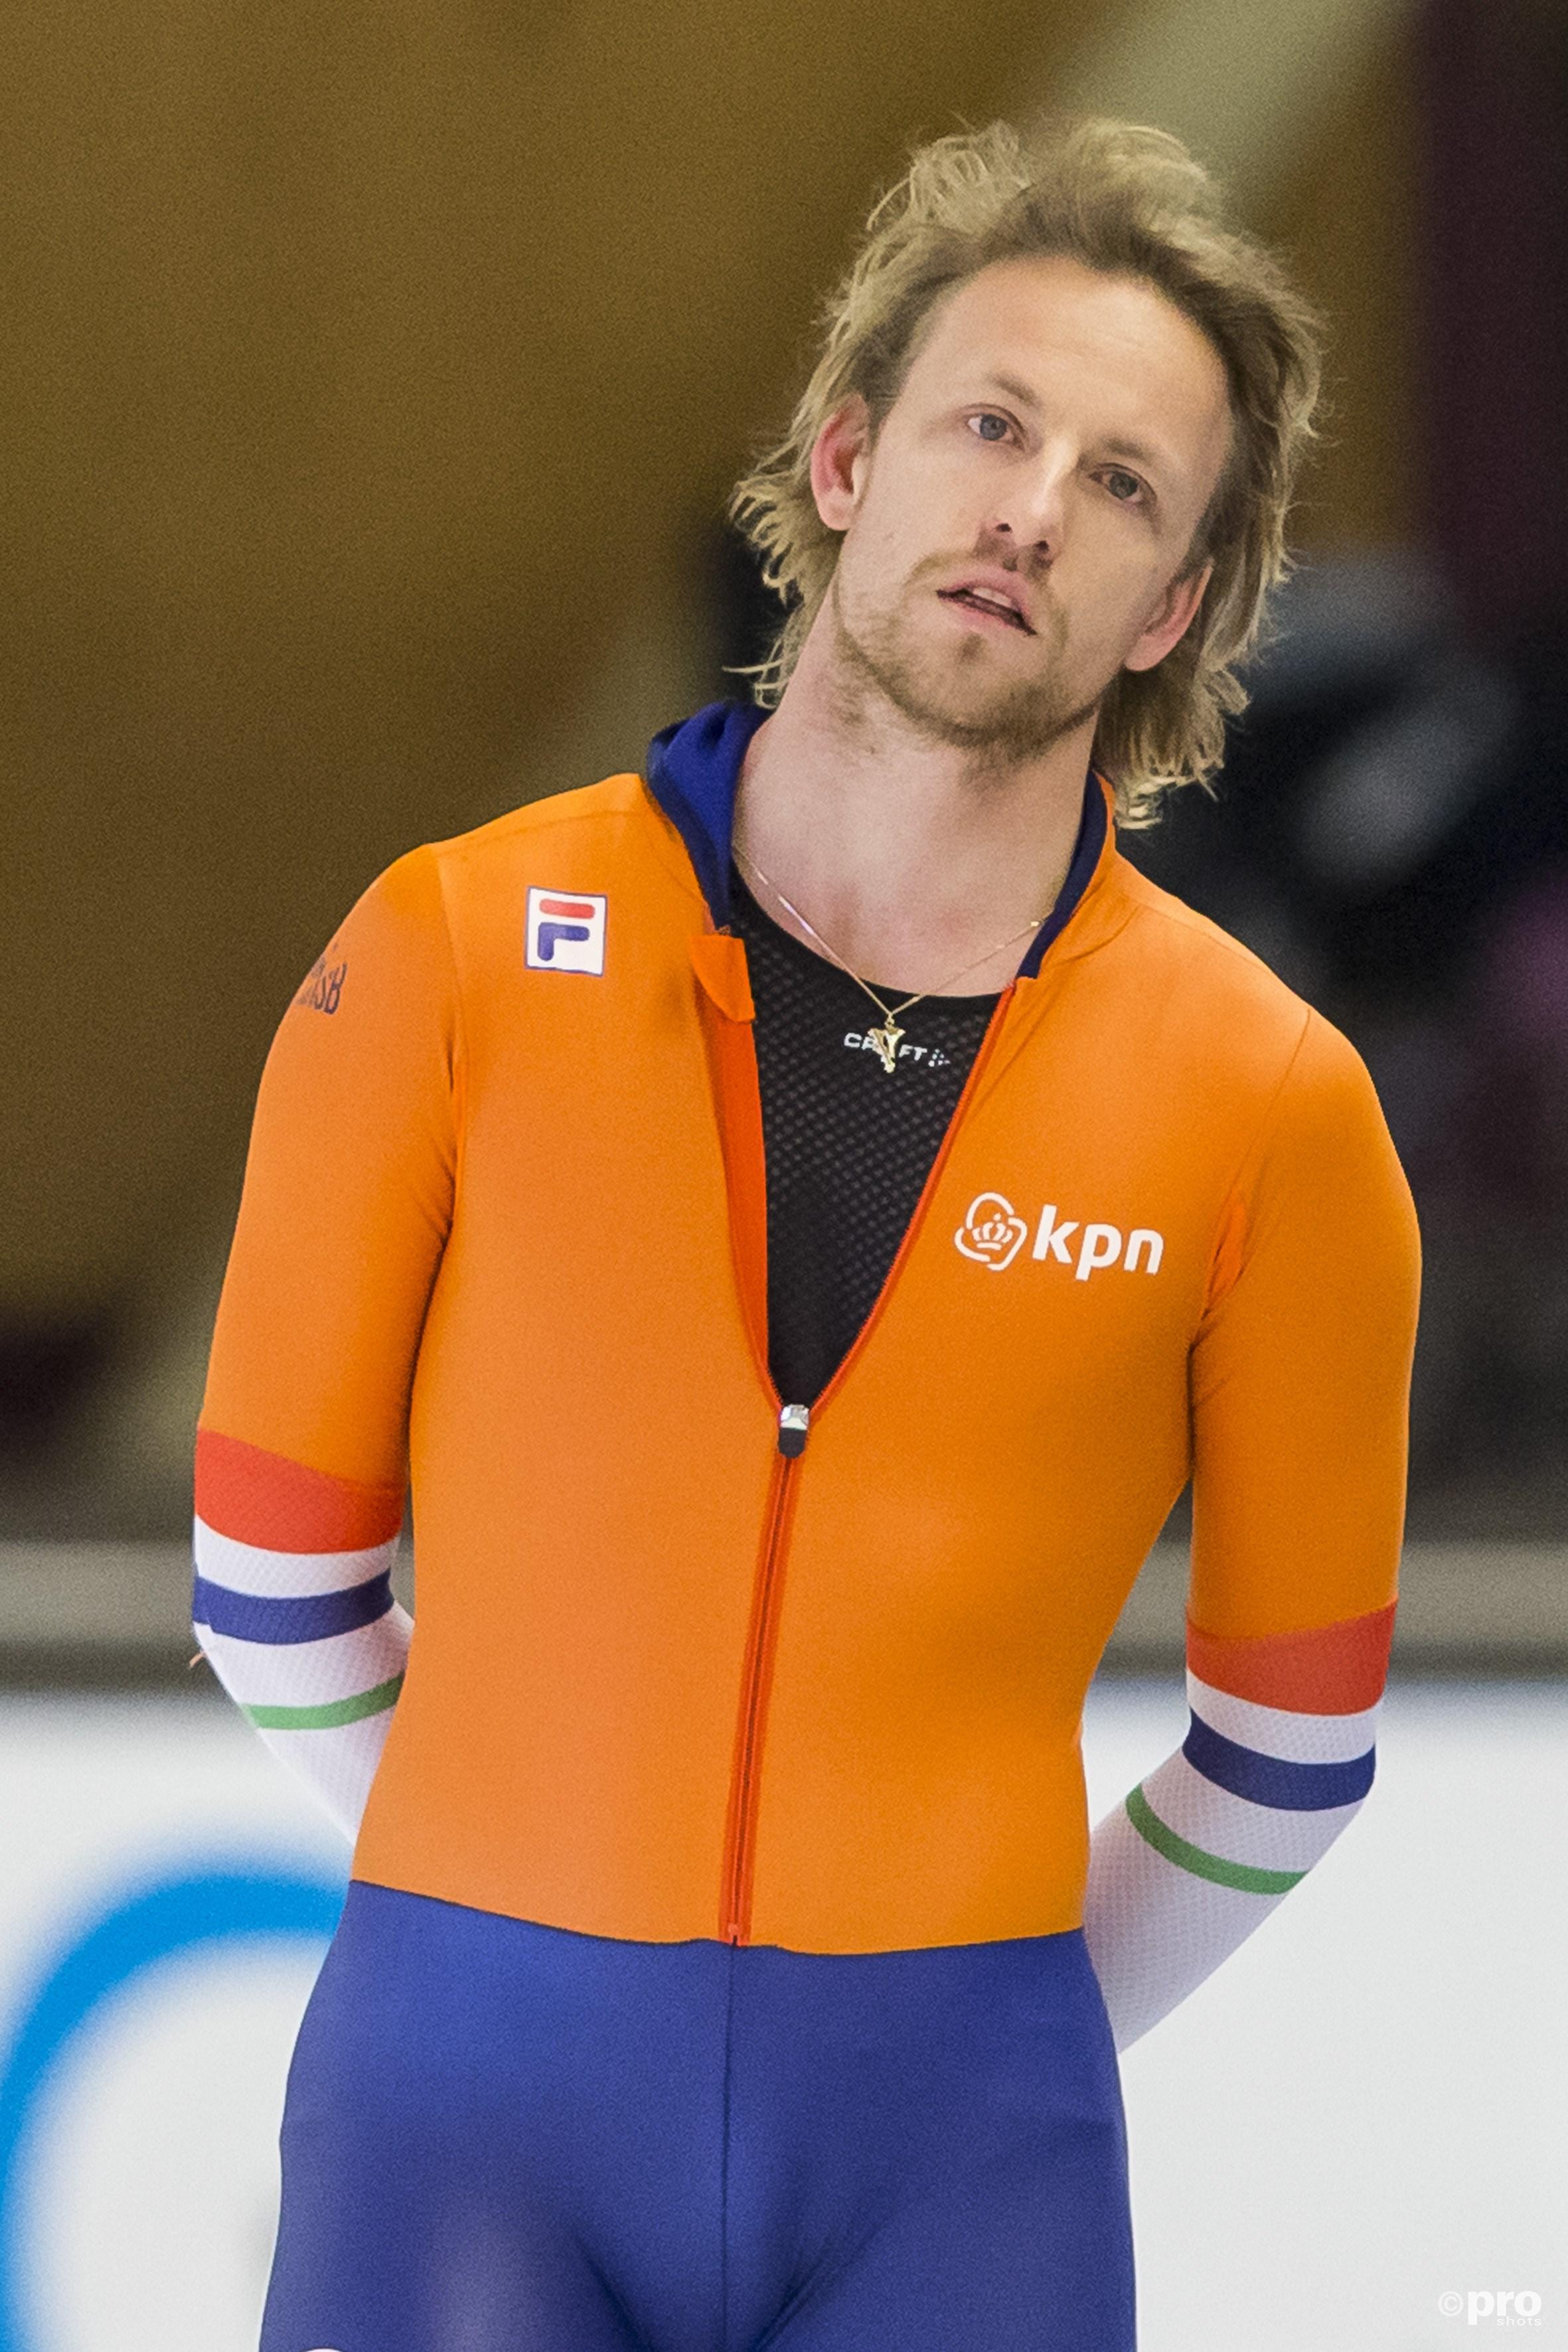 Michel Mulder eerder dit jaar tijdens wedstrijden in Berlijn. (PRO SHOTS/Erik Pasman)